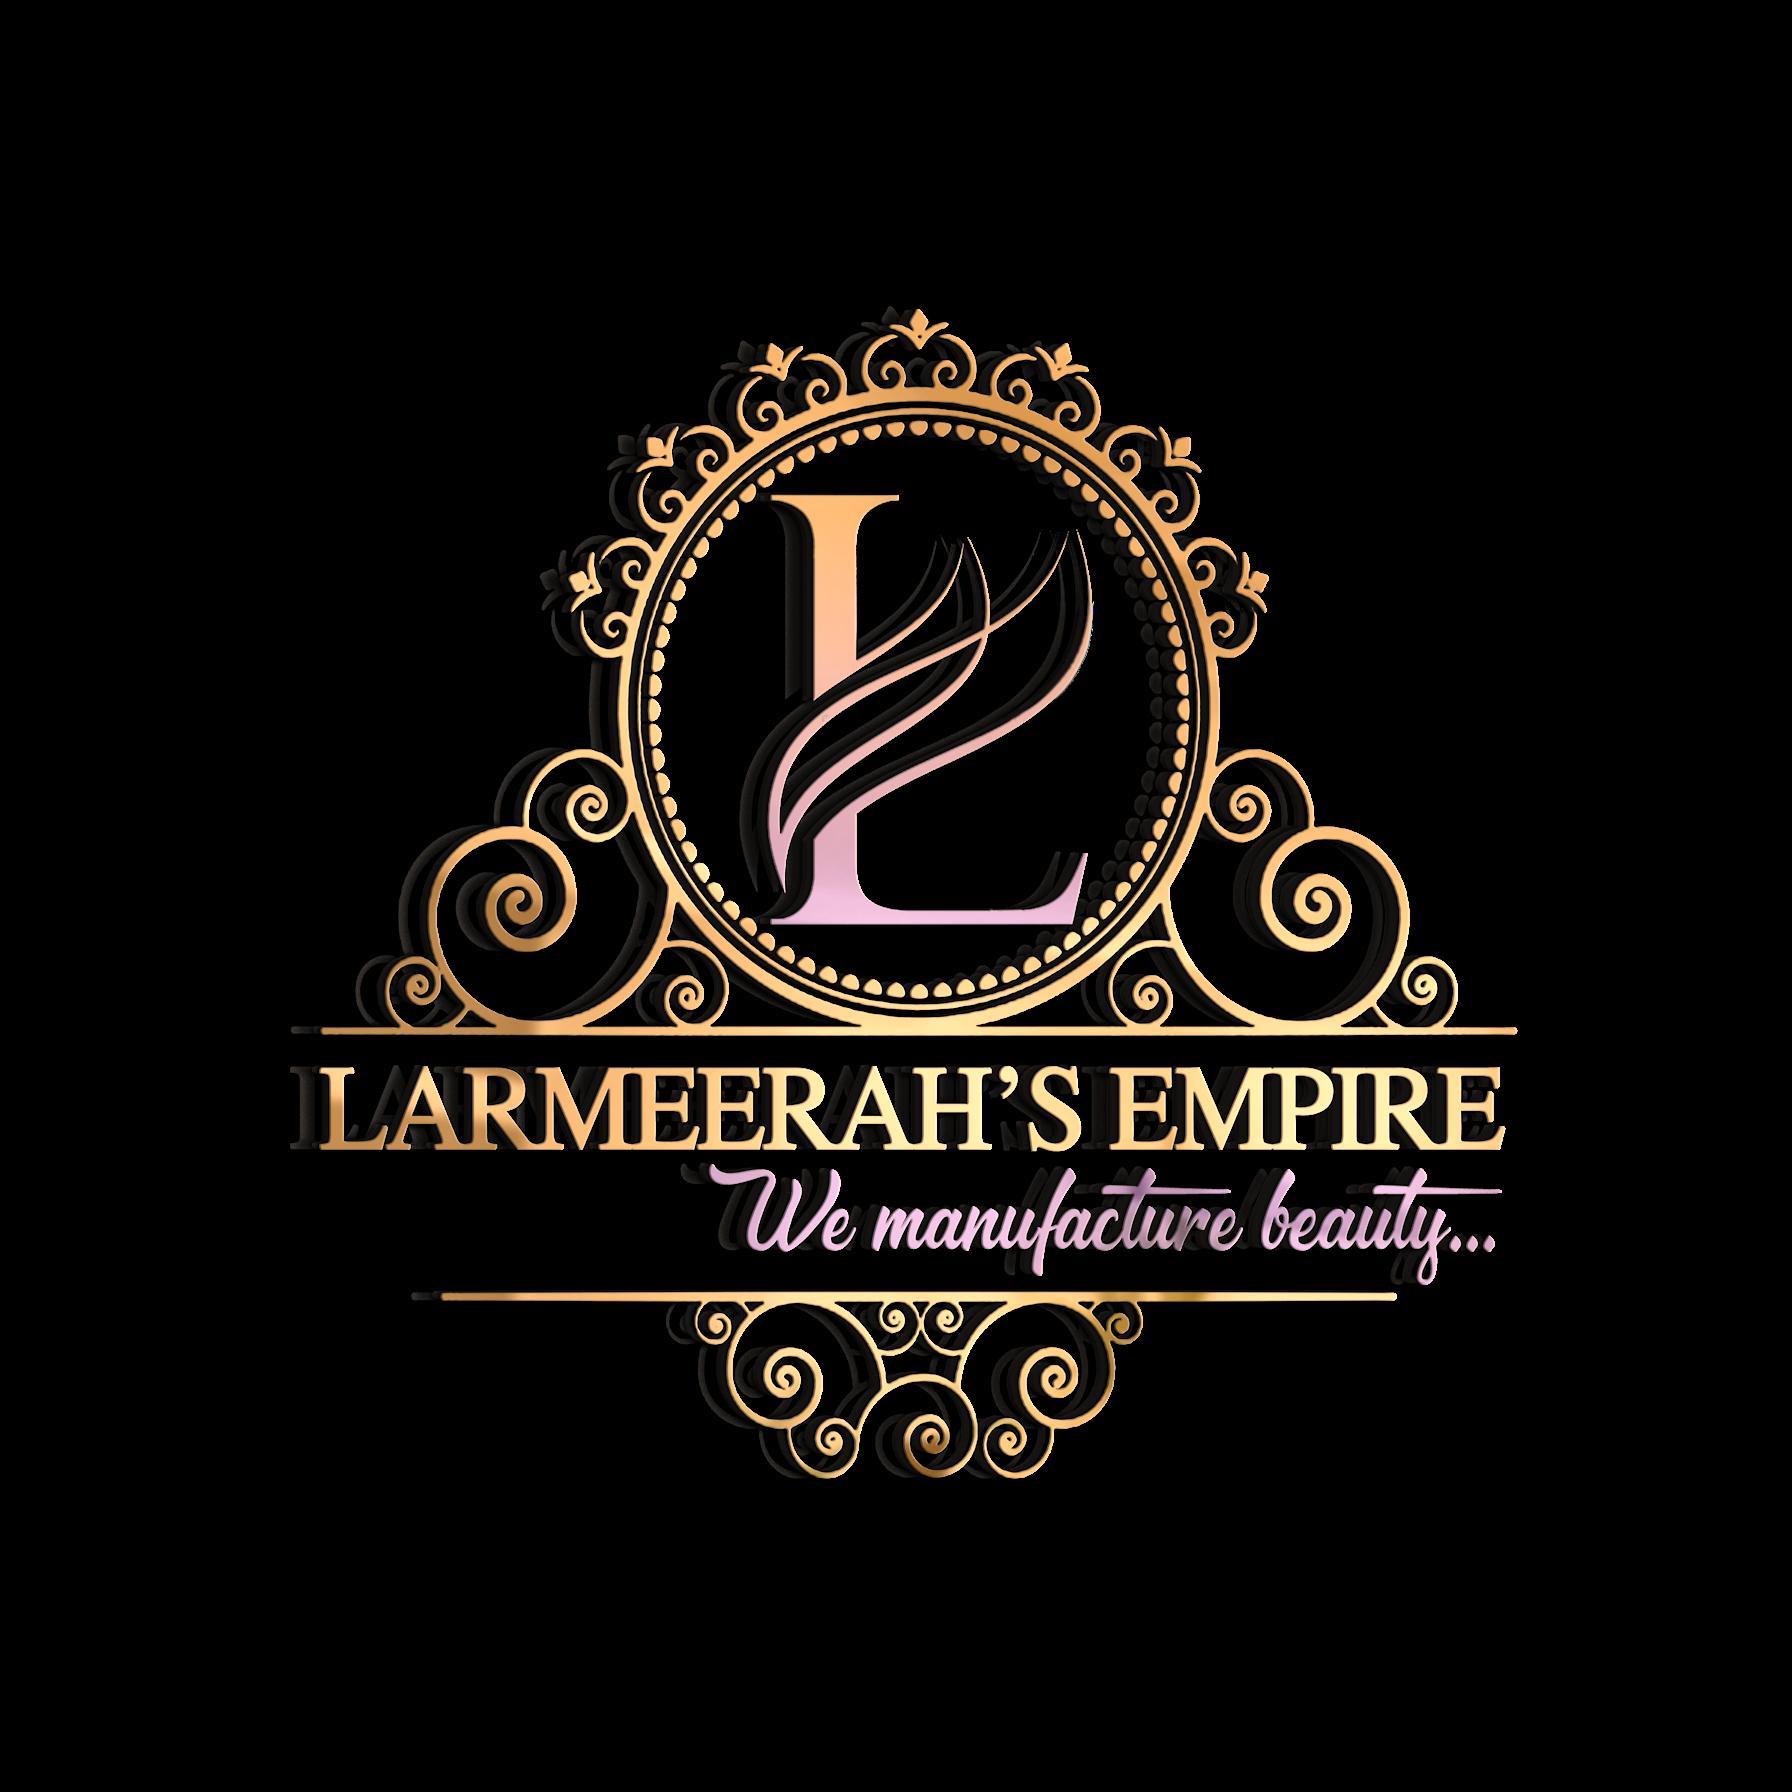 Larmeerah's Empire